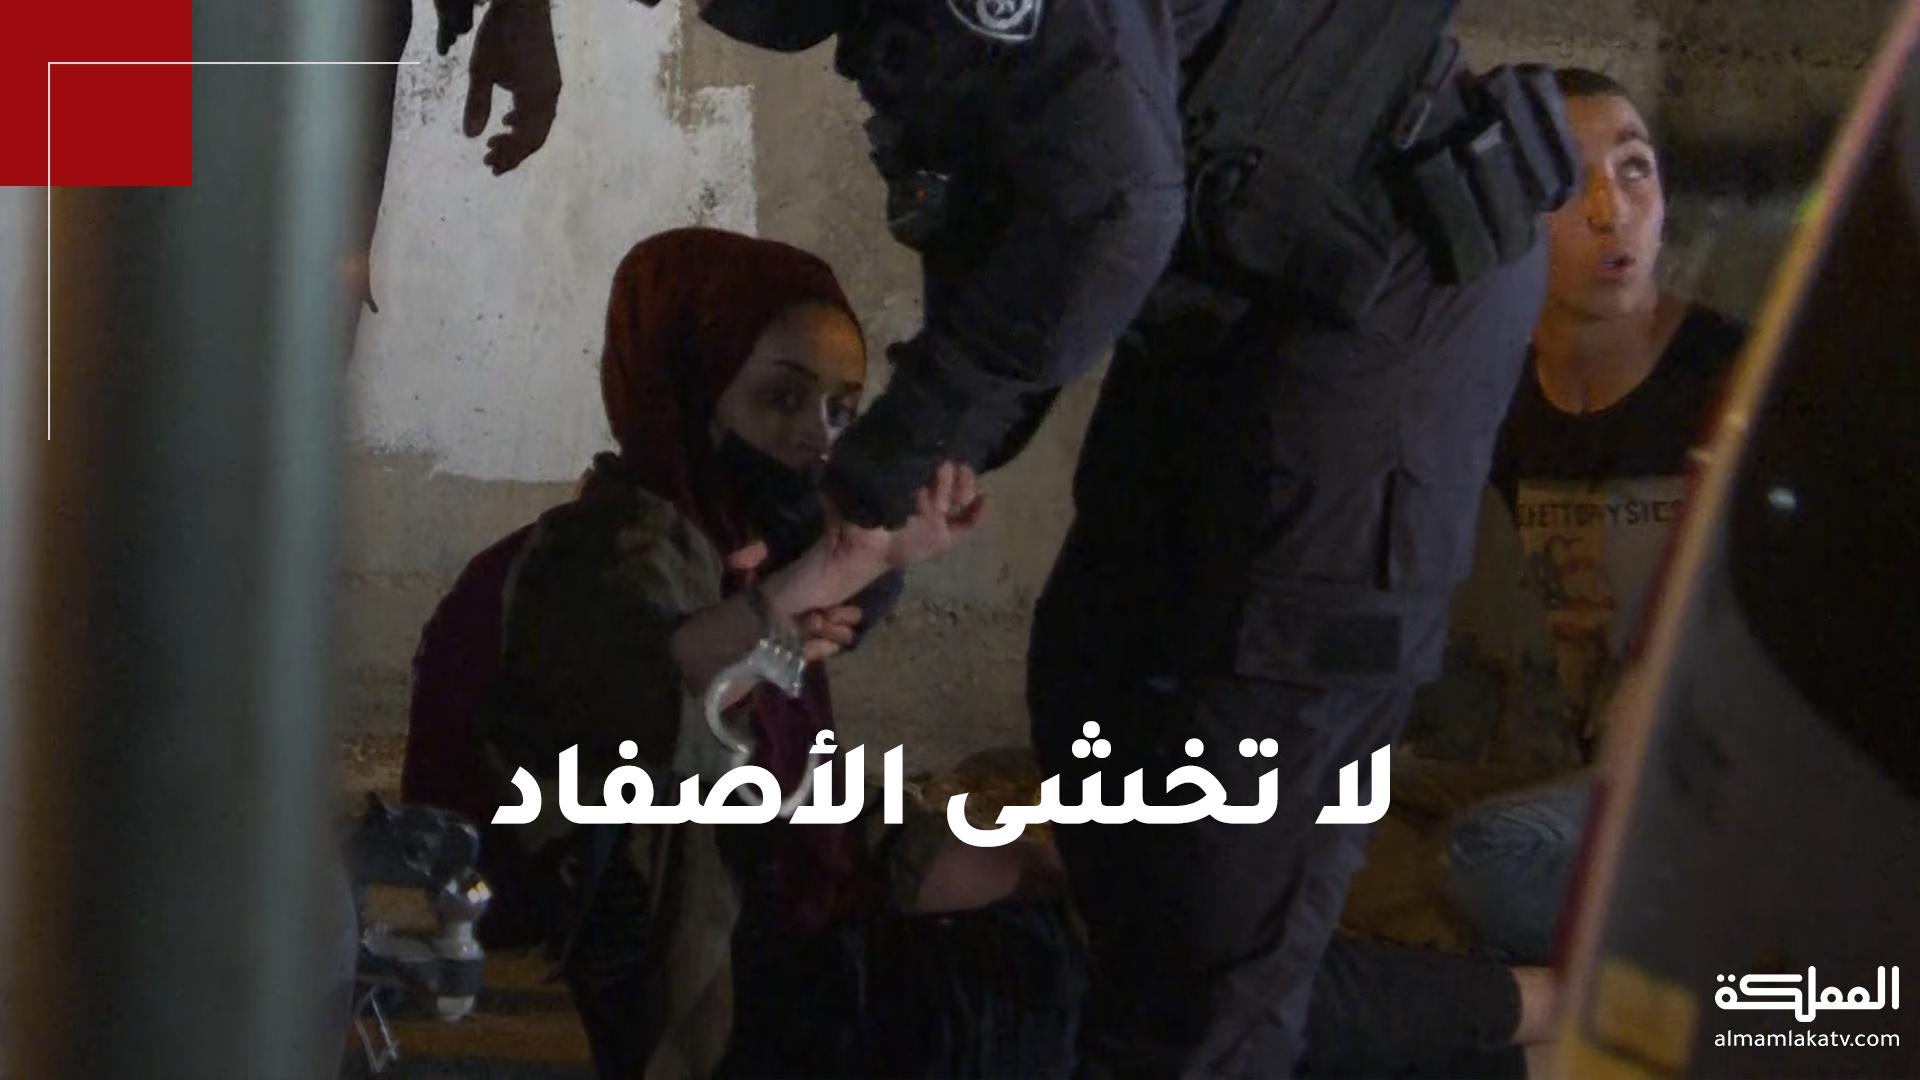 الاحتلال يعتدي ويعتقل الشابة الفلسطينية، مريم العفيفي، ومواجهتها للحظة اعتقالها بابتسامة وشجاعة على